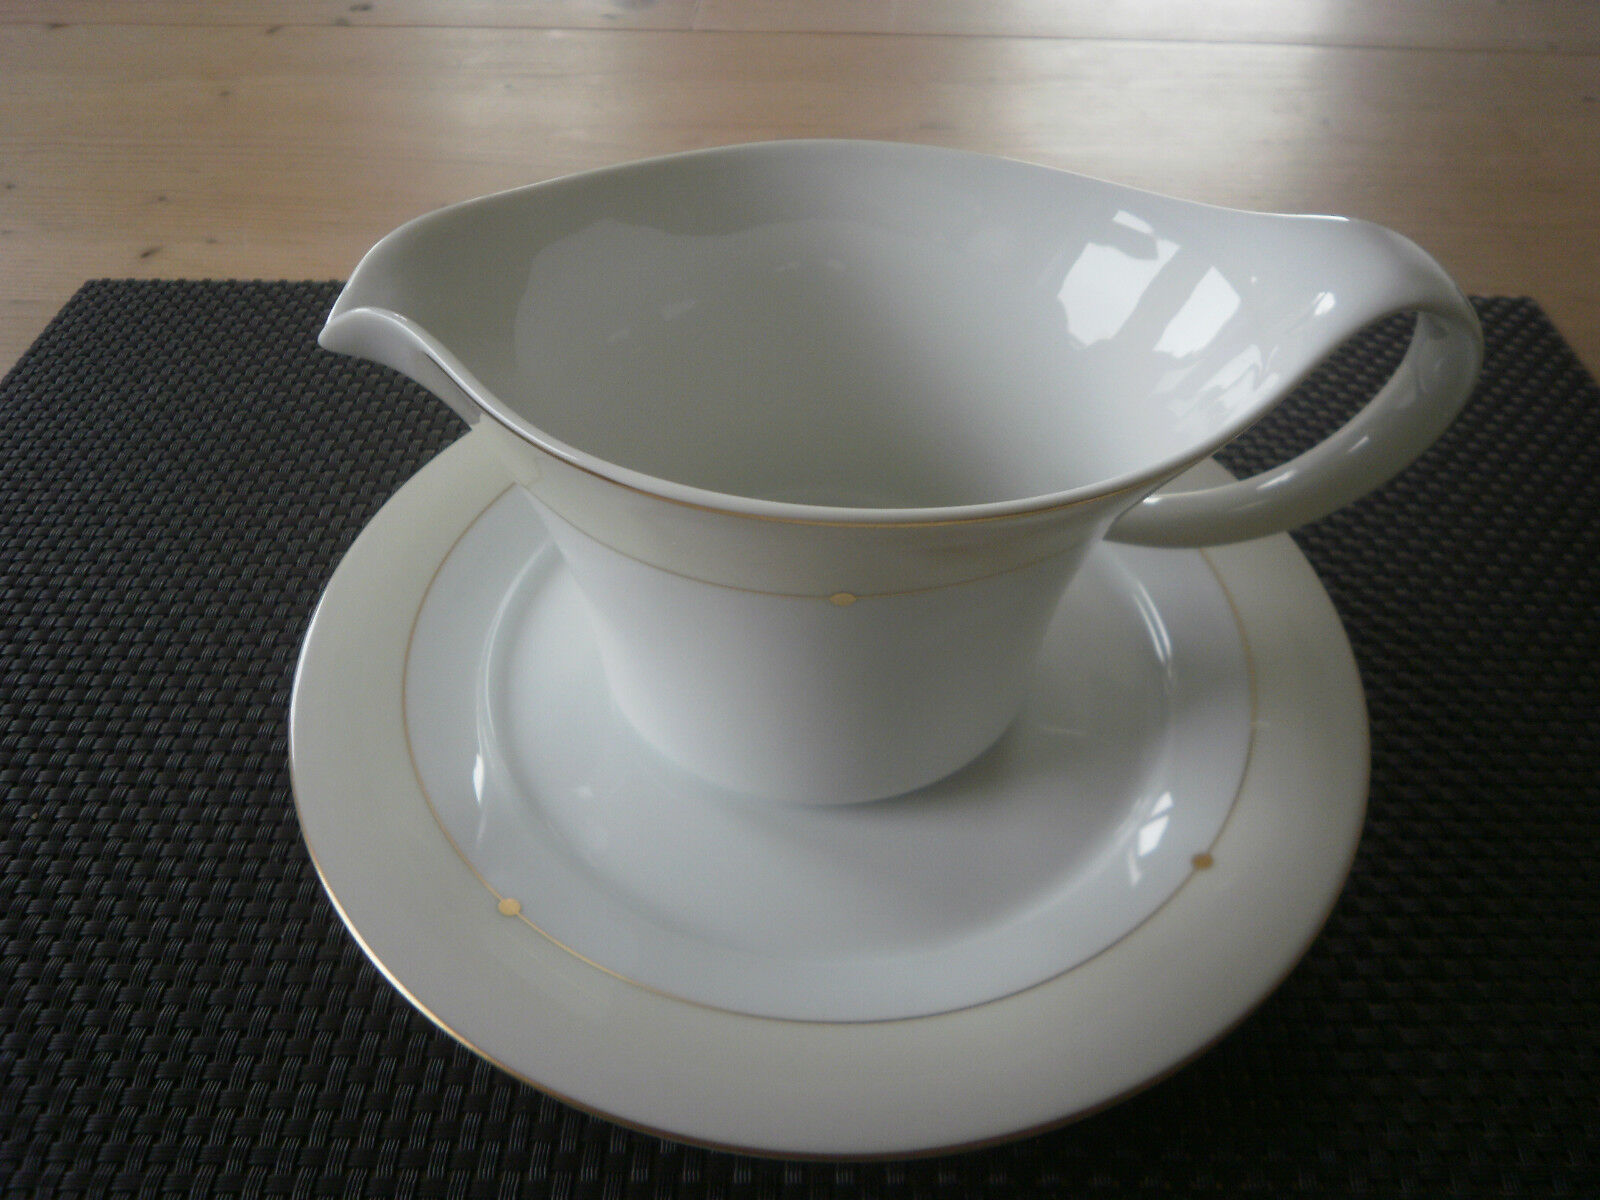 Saucière avec corps Jade tampere 3642 royal tettau porcelaine service NEUF